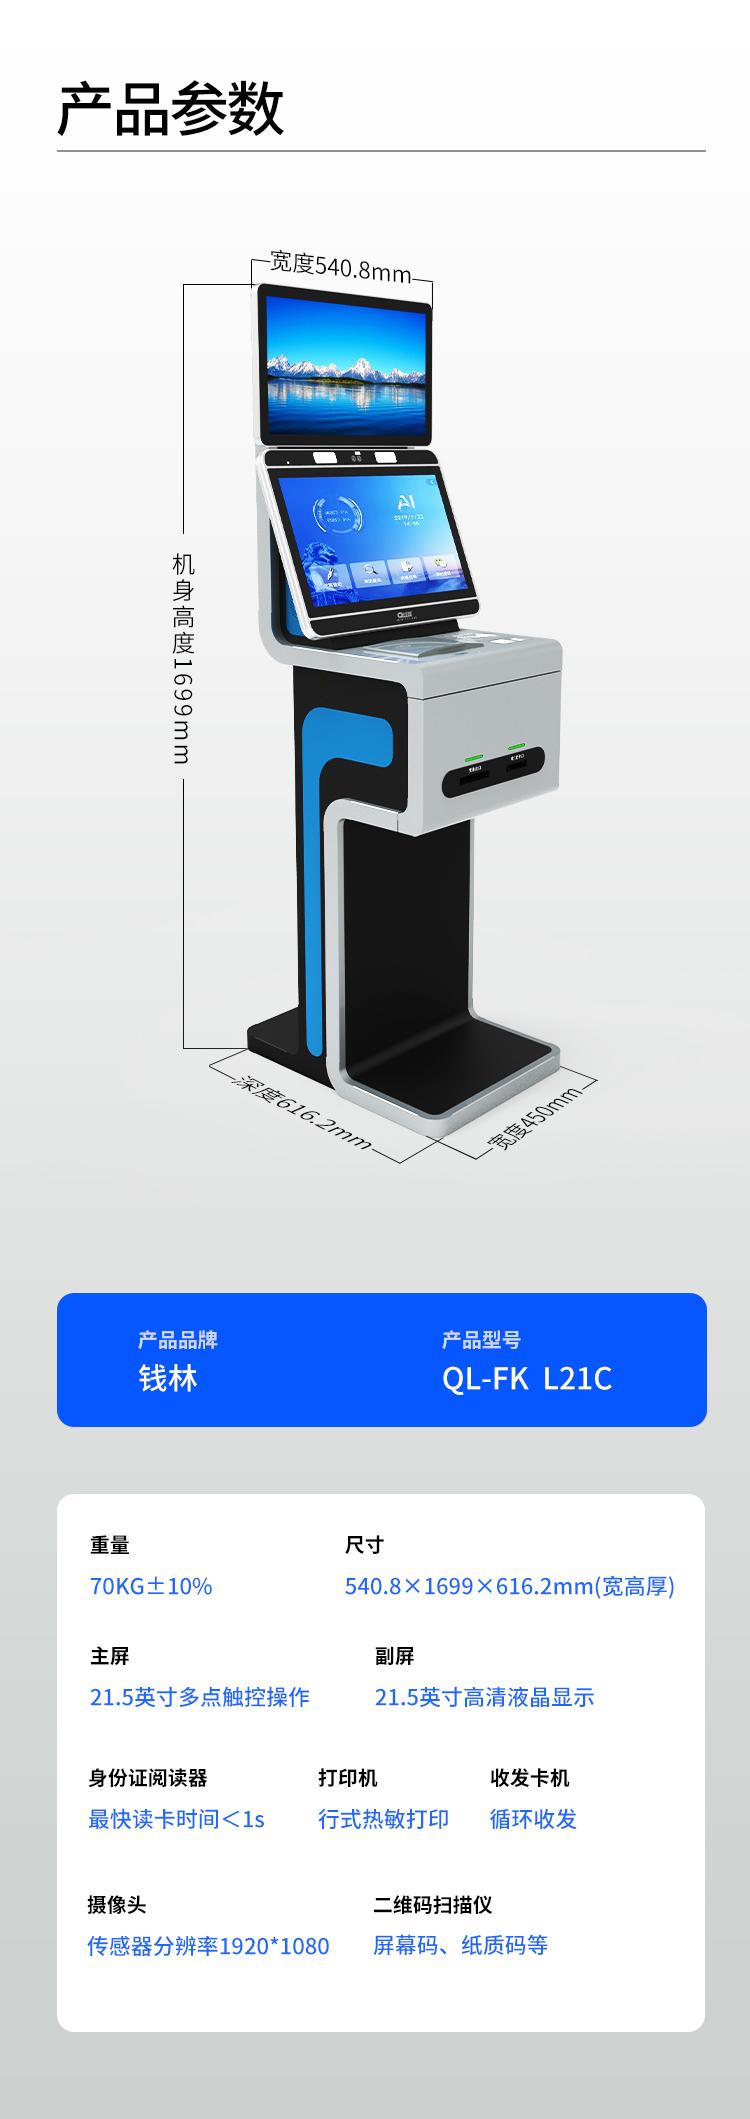 双屏访客机L21C技术参数